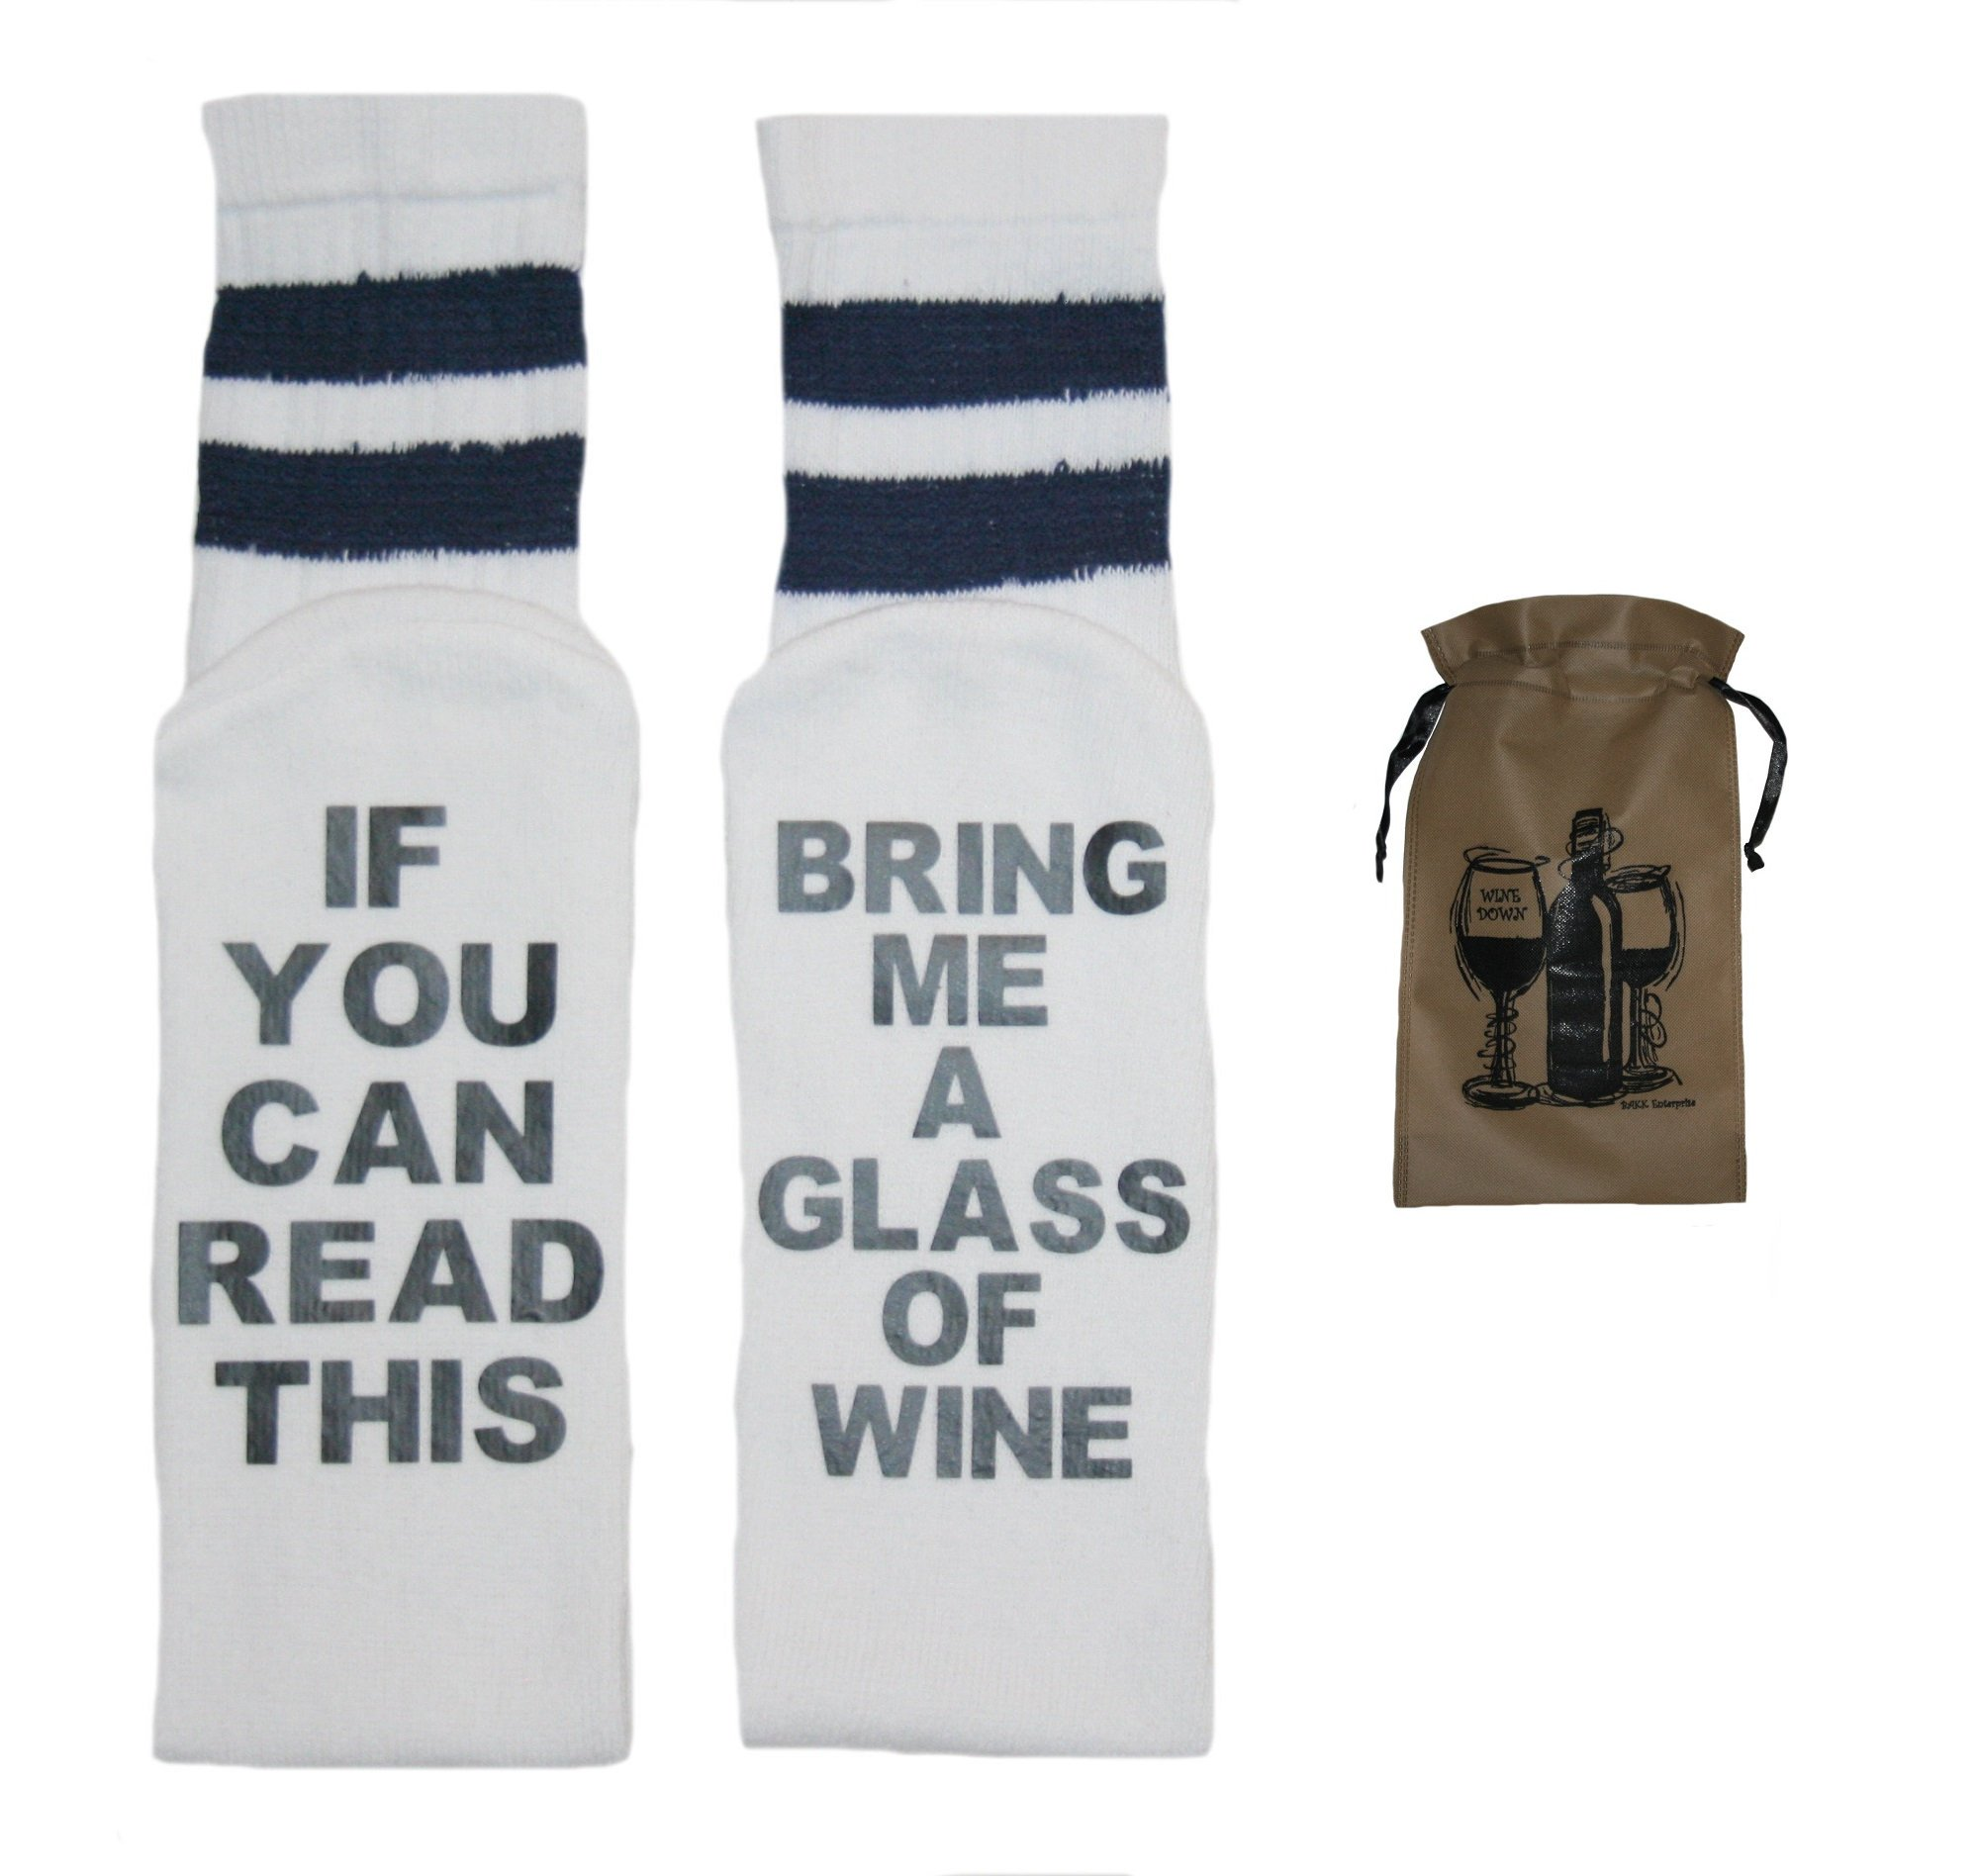 Speaking Socks Bring Me A Glass Of Wine Tube Socks & Wine Bag-2 Item Multi-Pack (9-11, White/Navy)